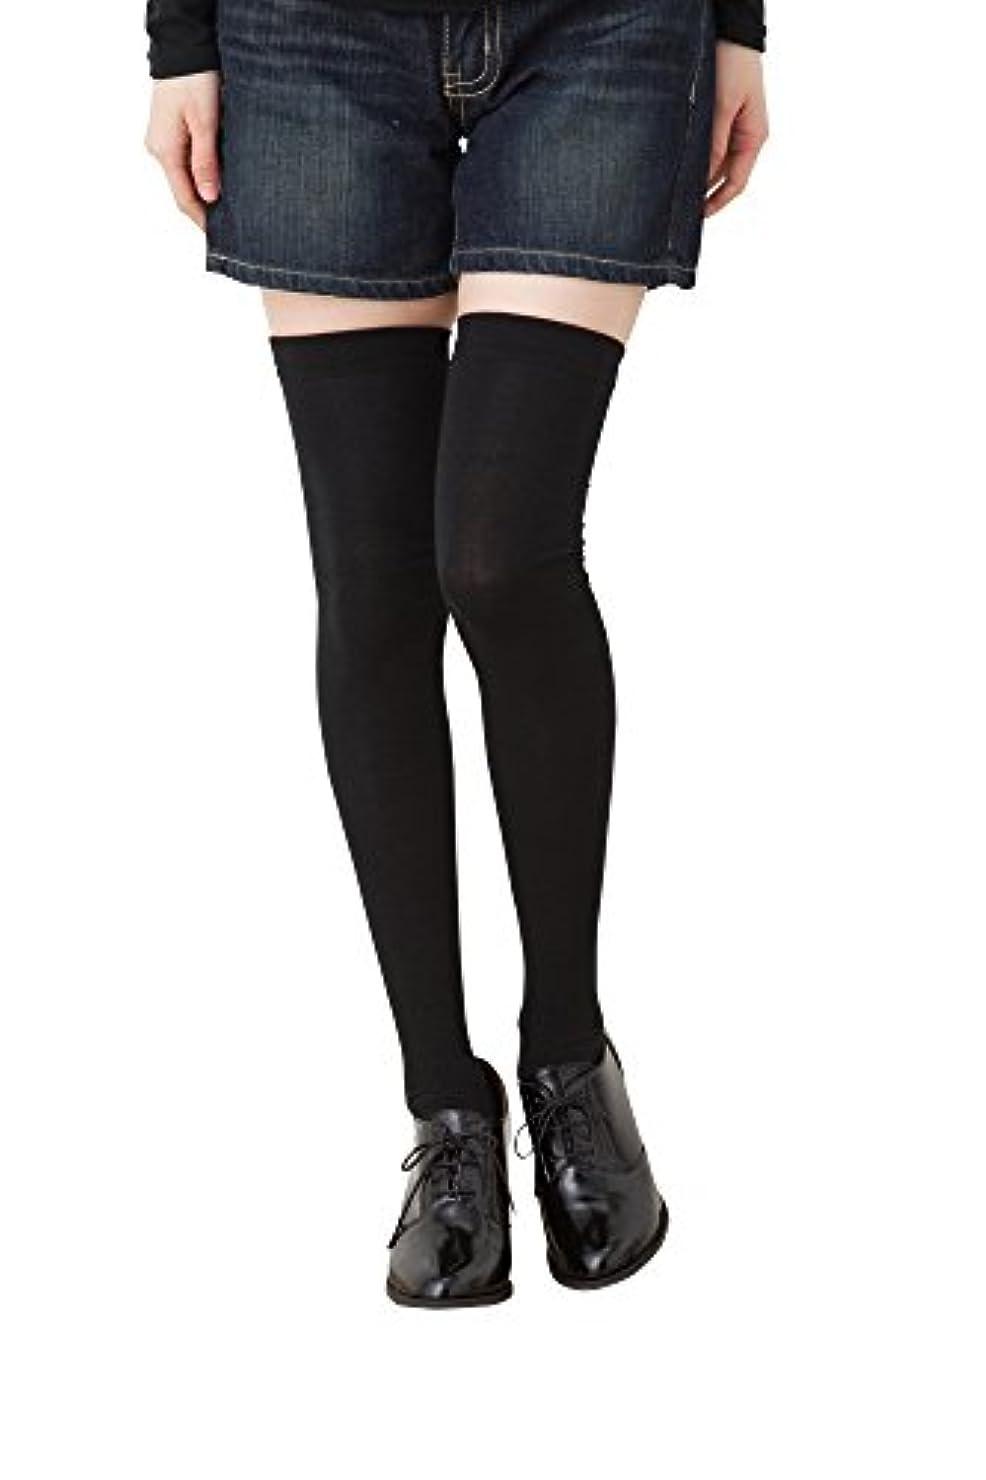 不健全中絶裸着圧 ニーハイソックス (平無地?60cm丈) ブラック 黒 靴下 レディース